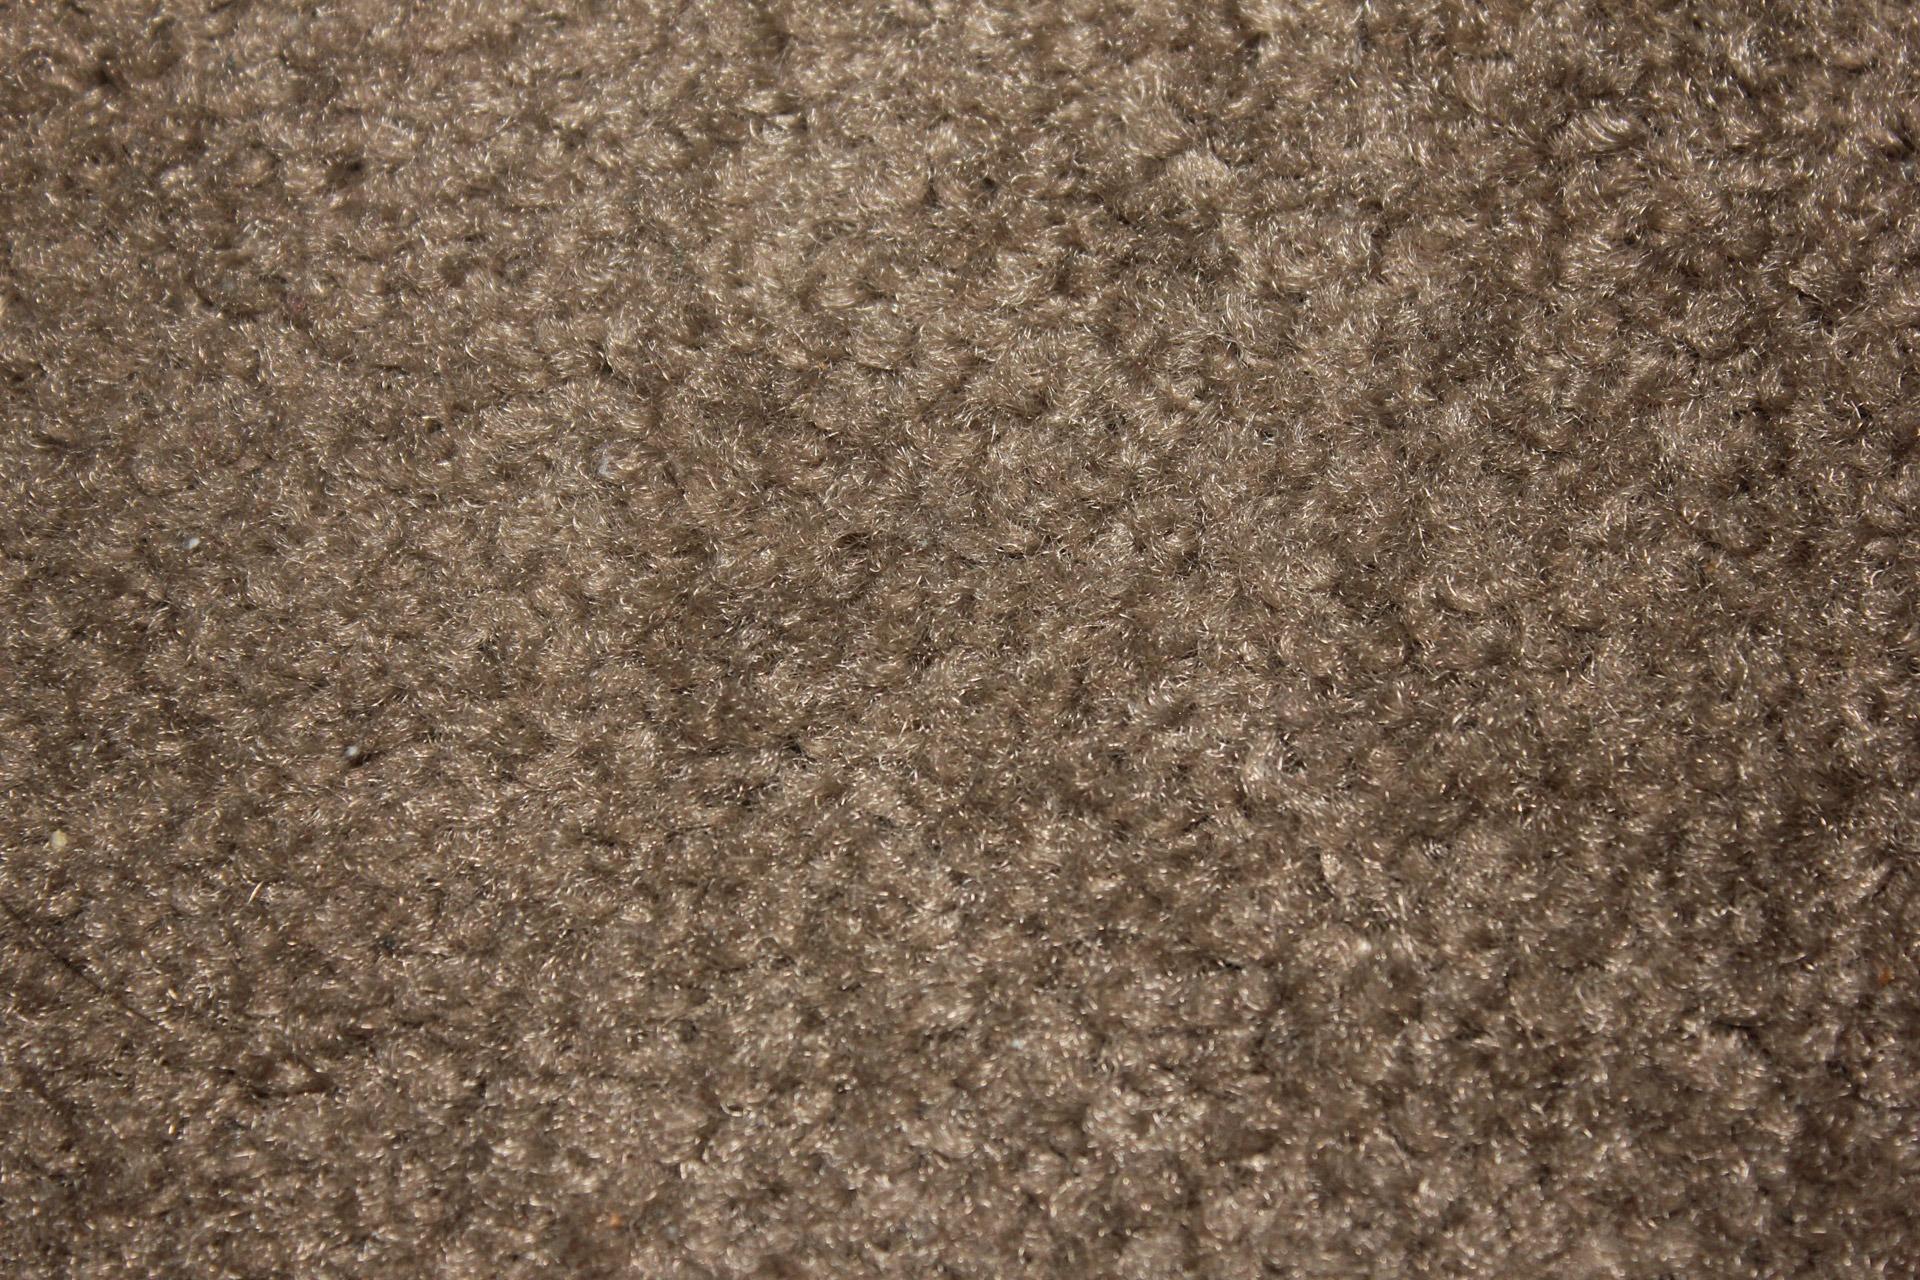 무료 이미지 : 모래, 조직, 내부, 아스팔트, 갈색, 깔개, 흙, 타일 ...